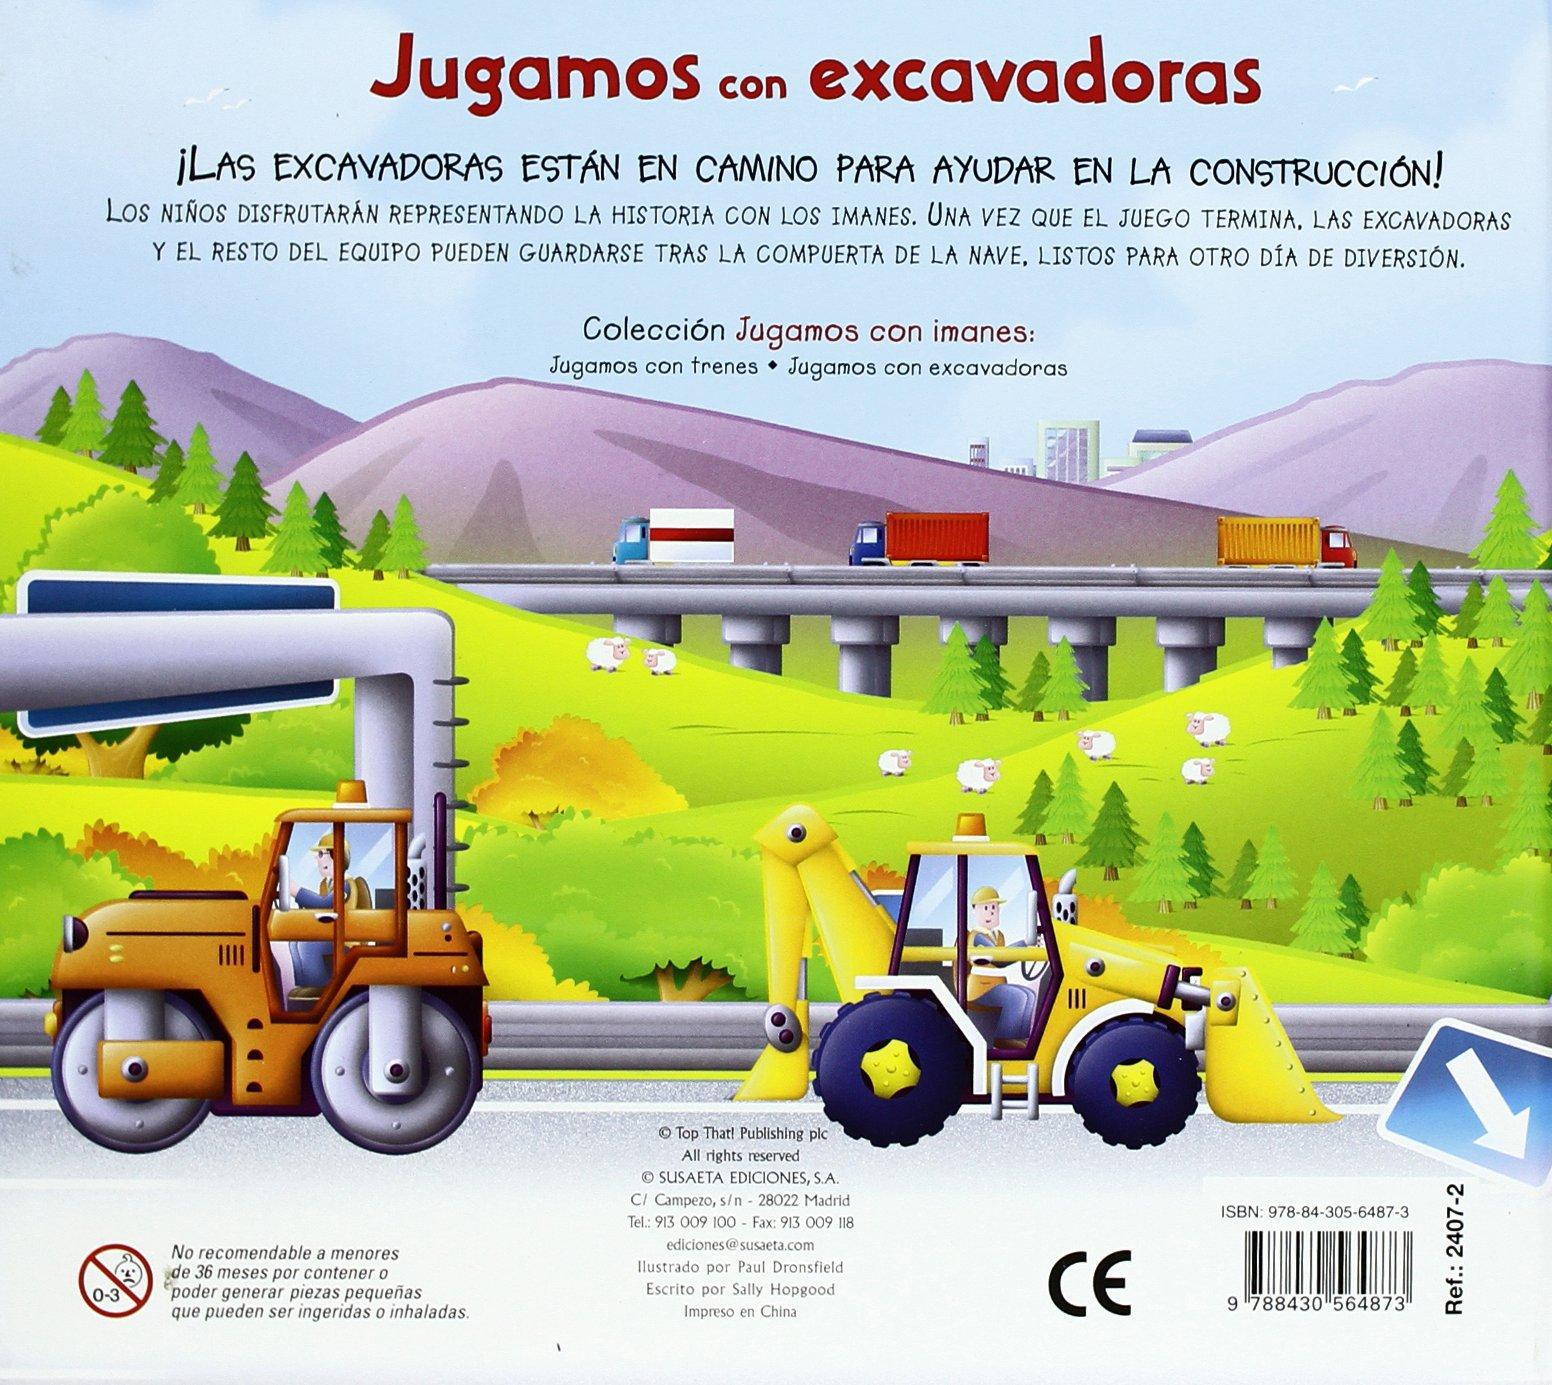 Jugamos con excavadoras (Jugamos Con Imanes): Amazon.es: Susaeta ...